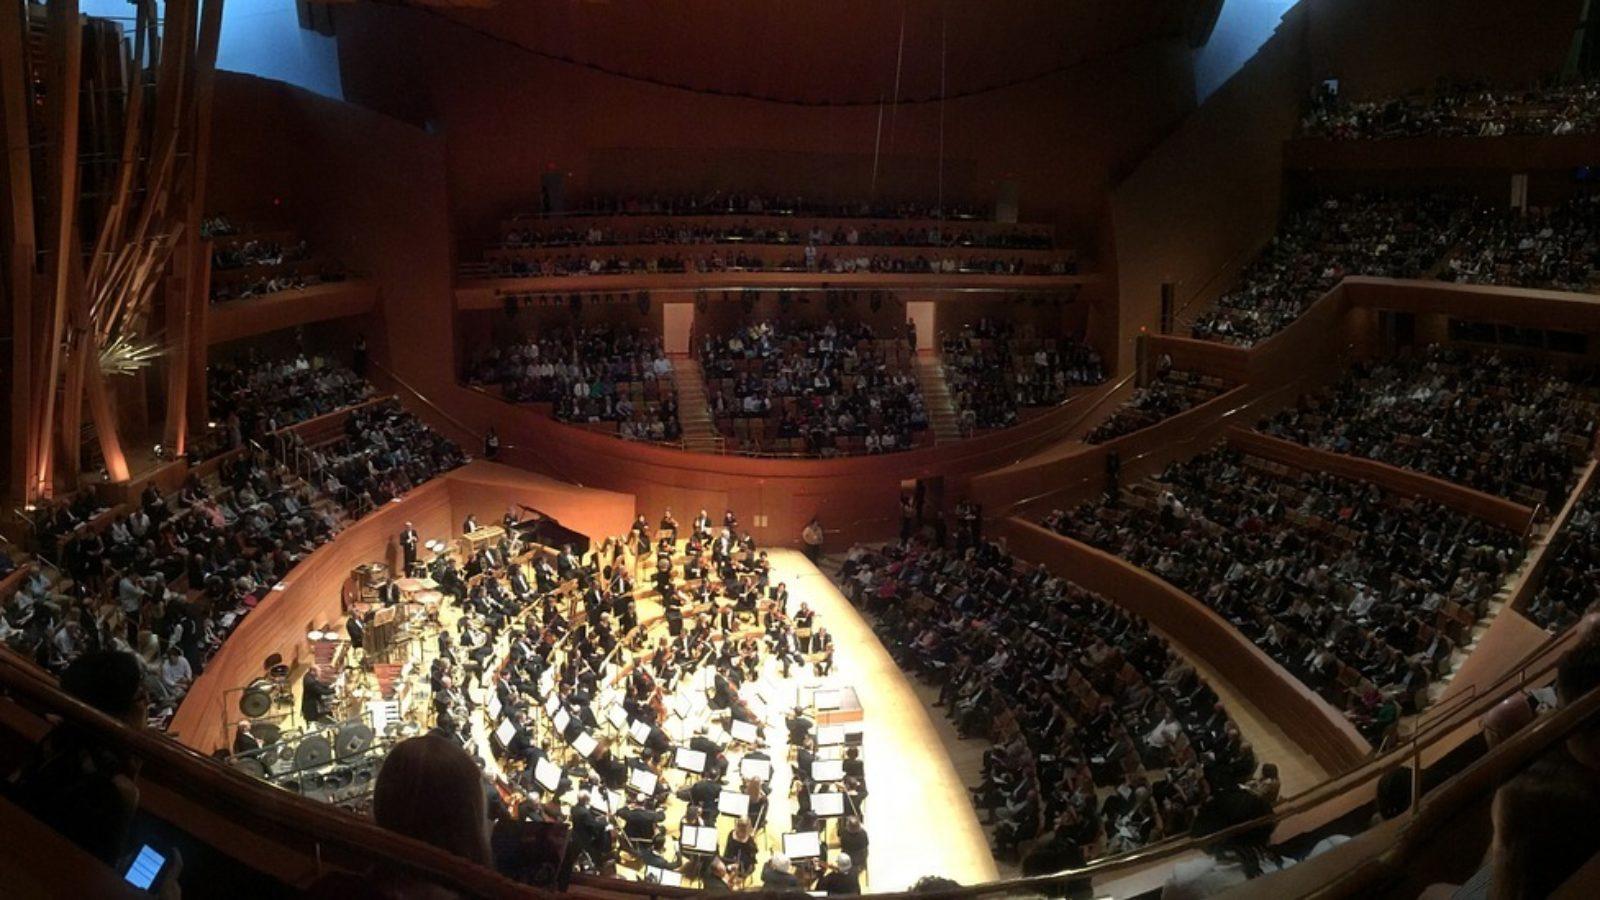 東京都内のクラシック音楽用コンサートホールおすすめランキング12選!響きの良いホールはどれ?